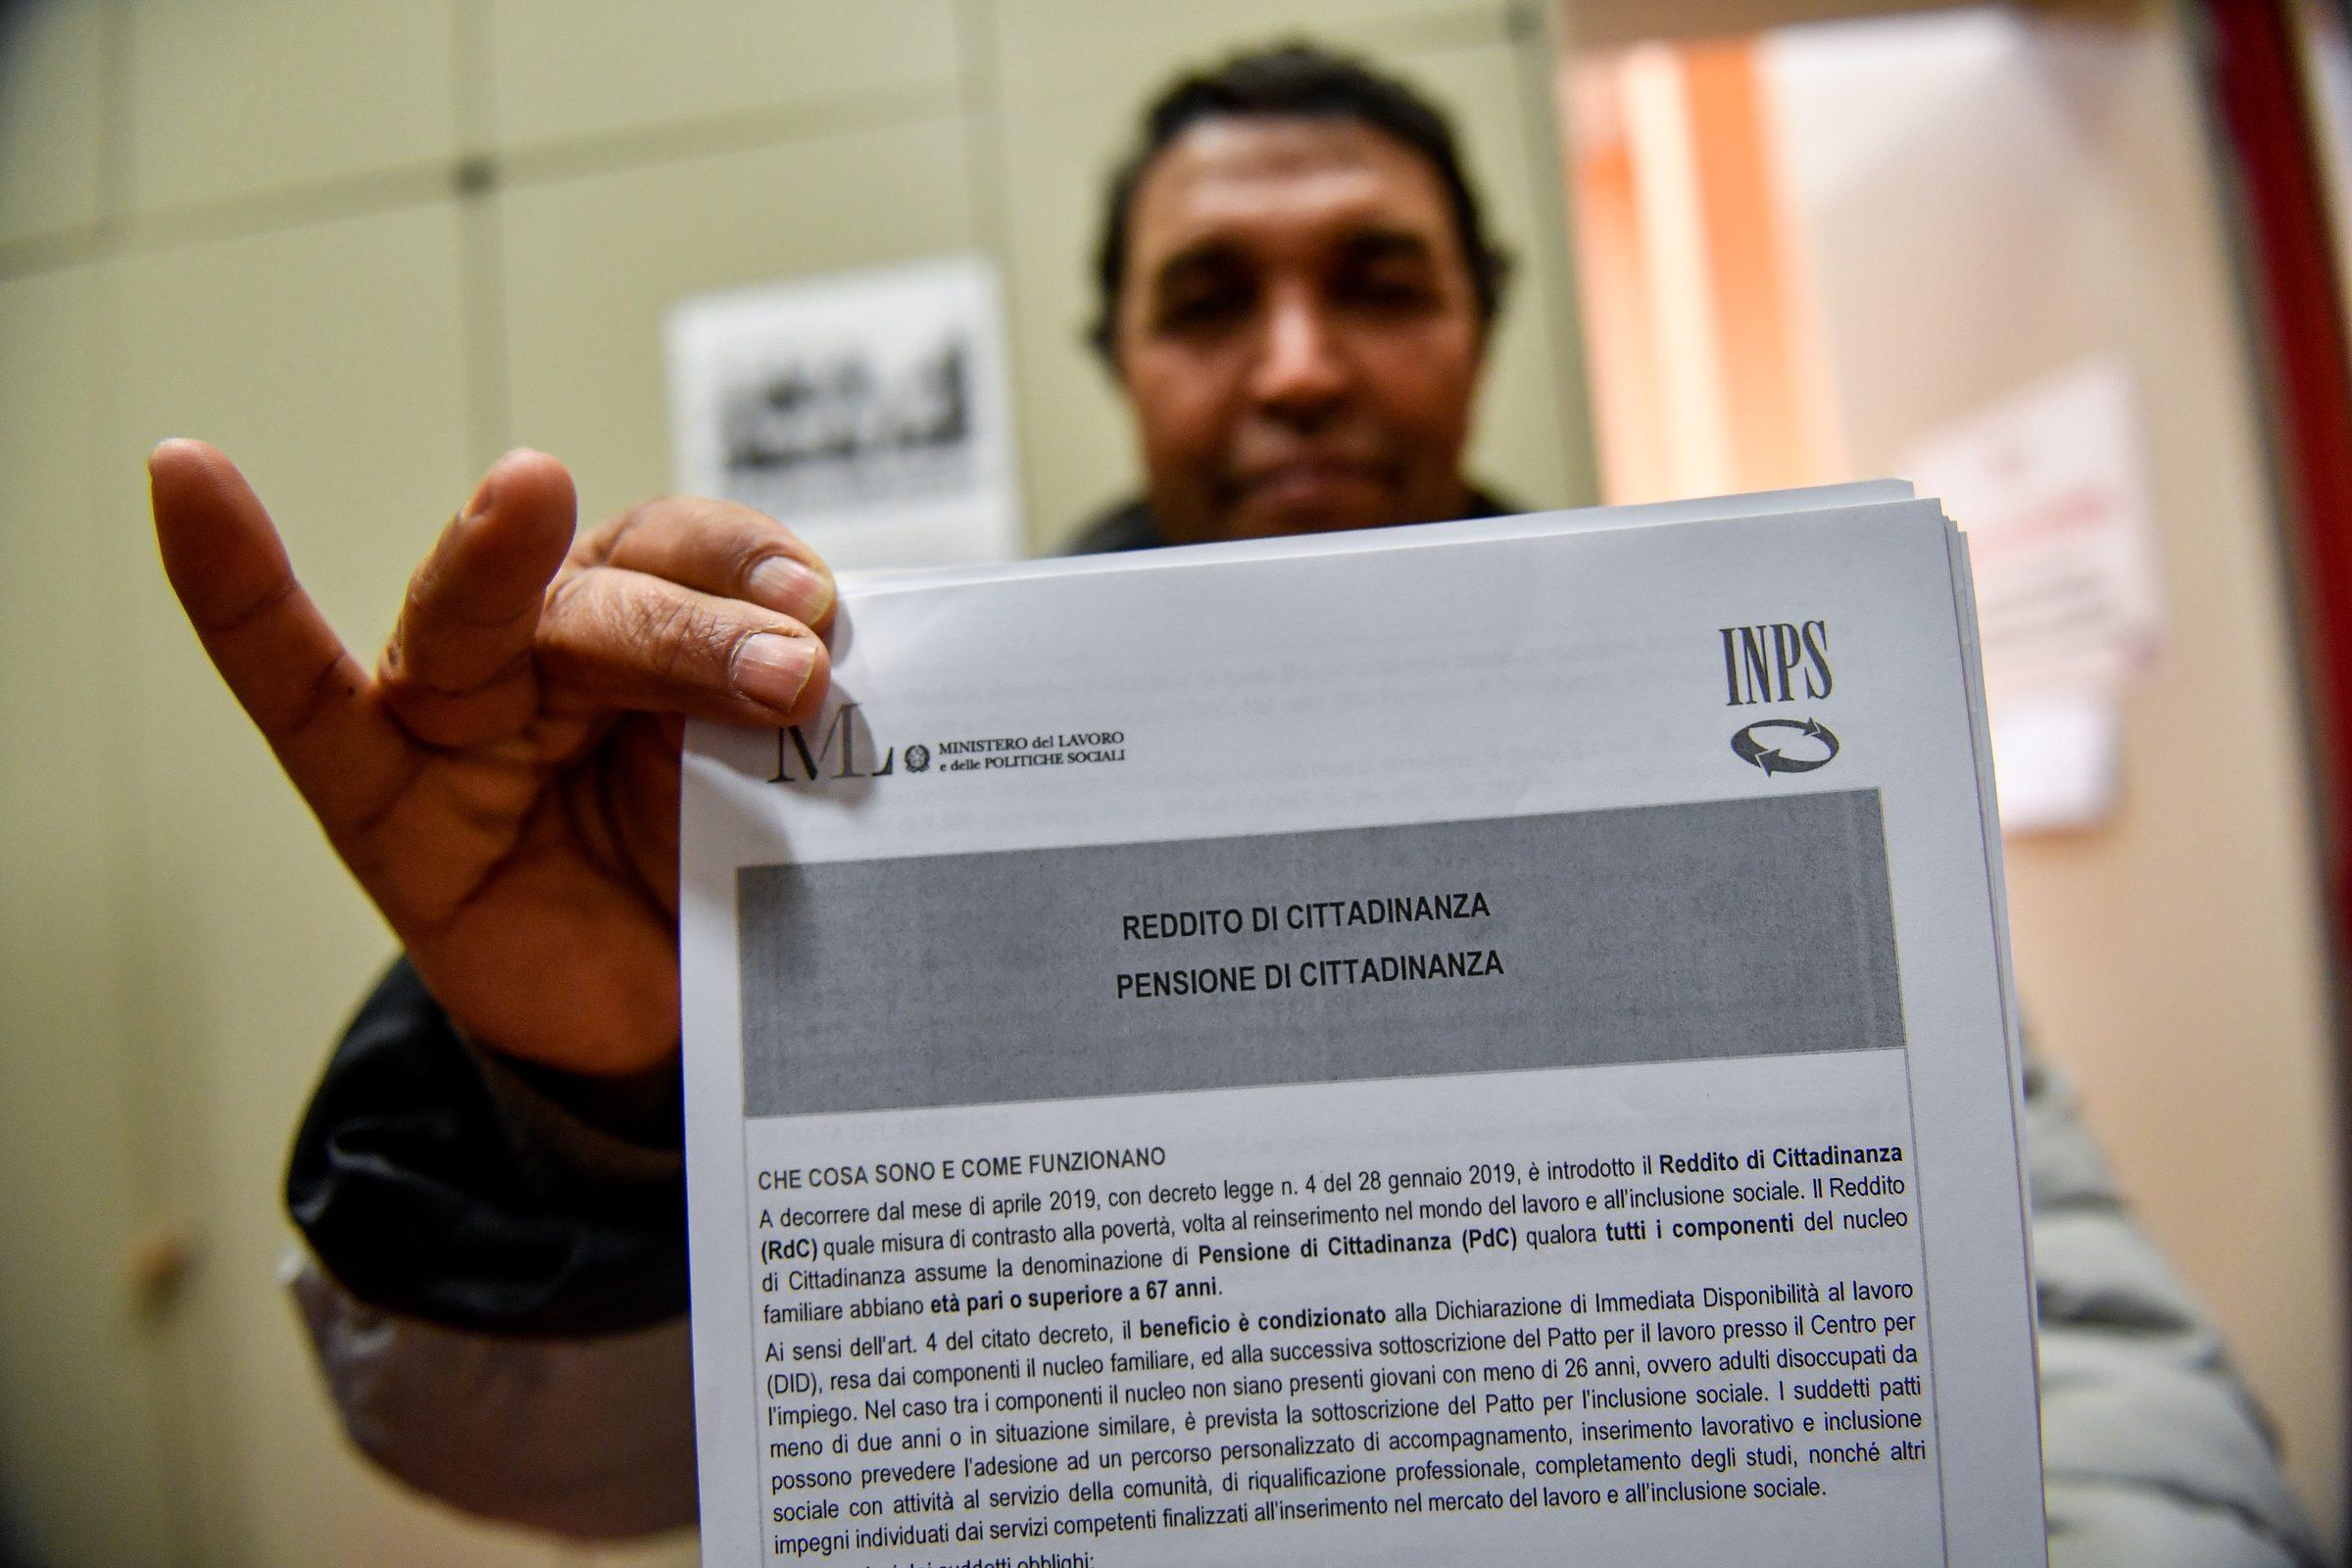 Reddito di cittadinanza, l'Inps comunica: Accetteremo il ...